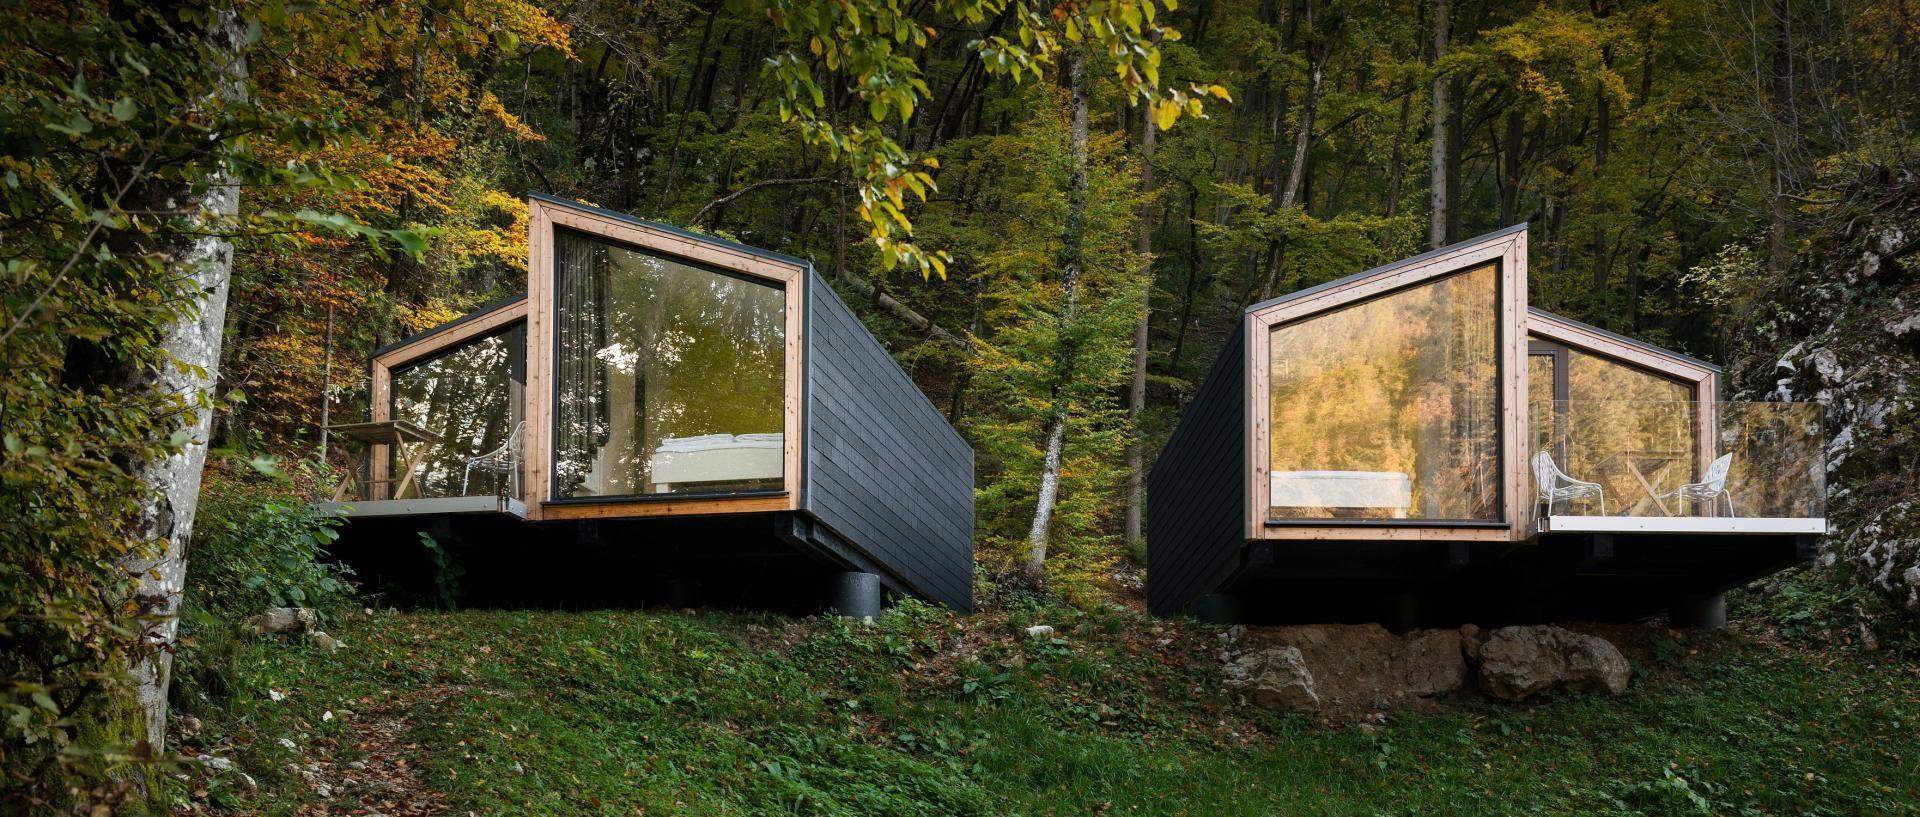 Exceptionnel cabane-mini-chalet-montagne-ekokoncept-for-4-0 maison-prefabriquee  AA85